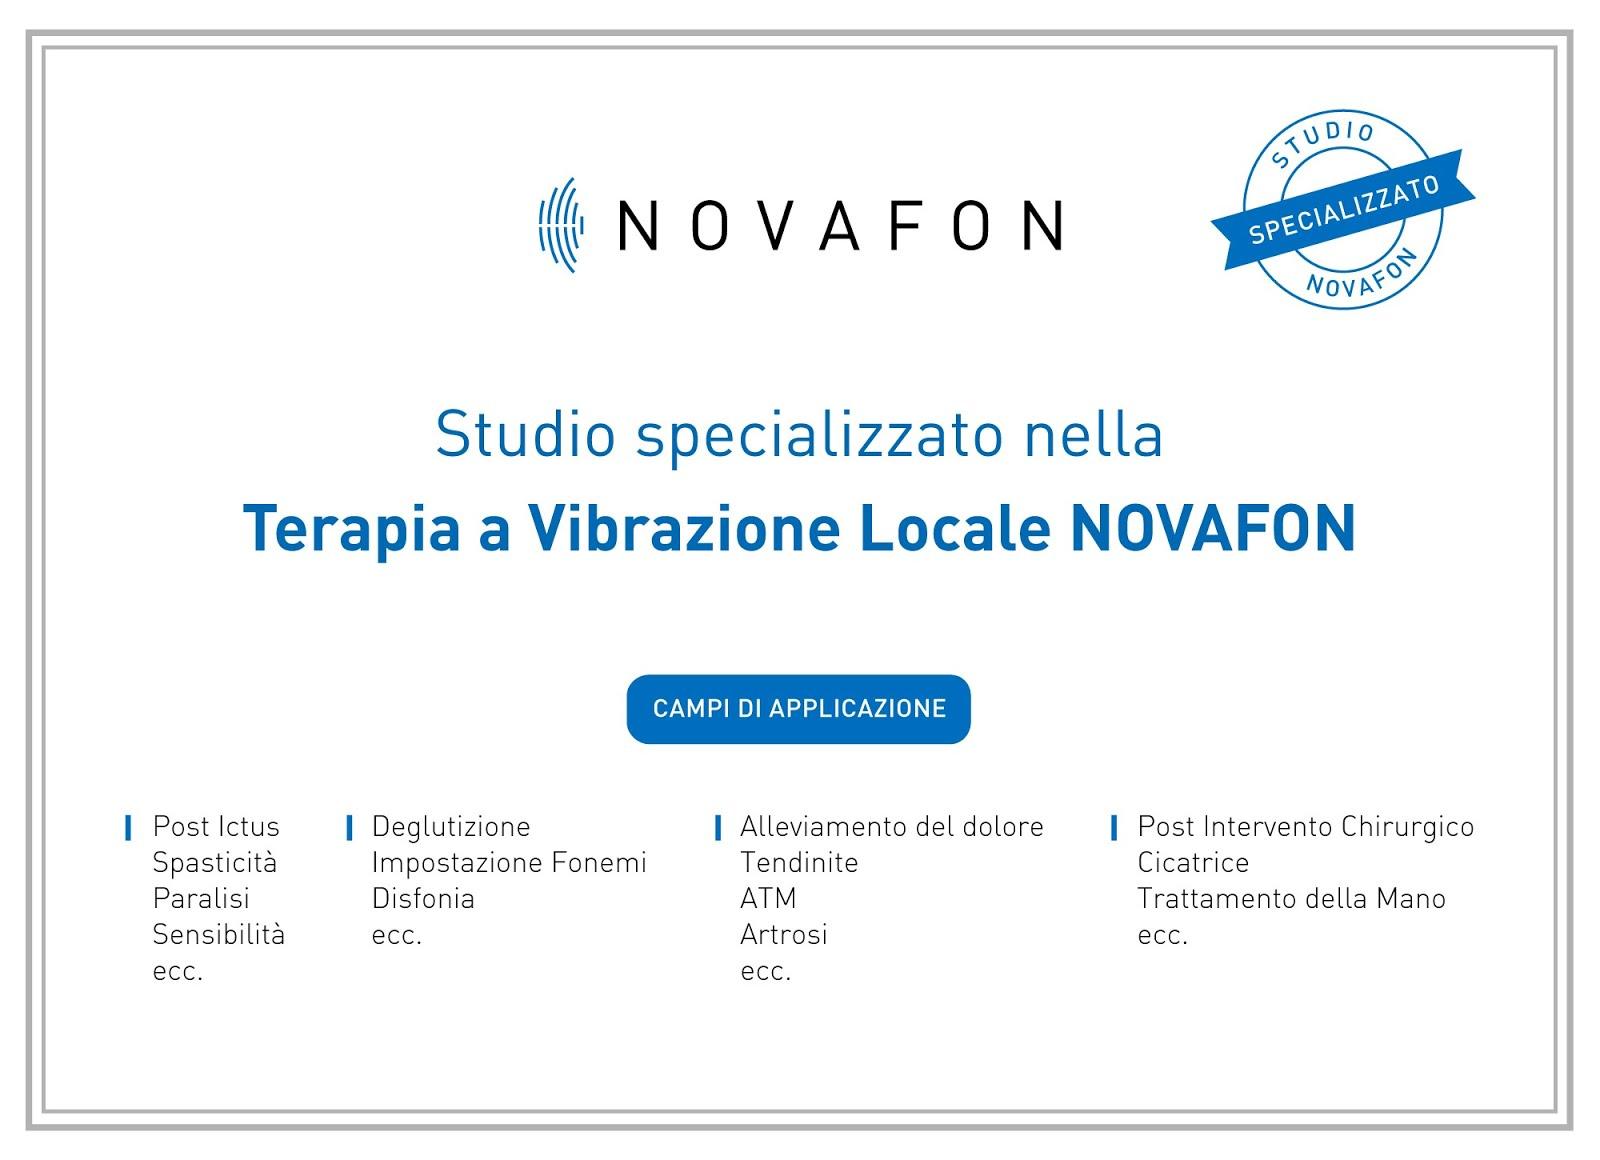 Novafon Therapy